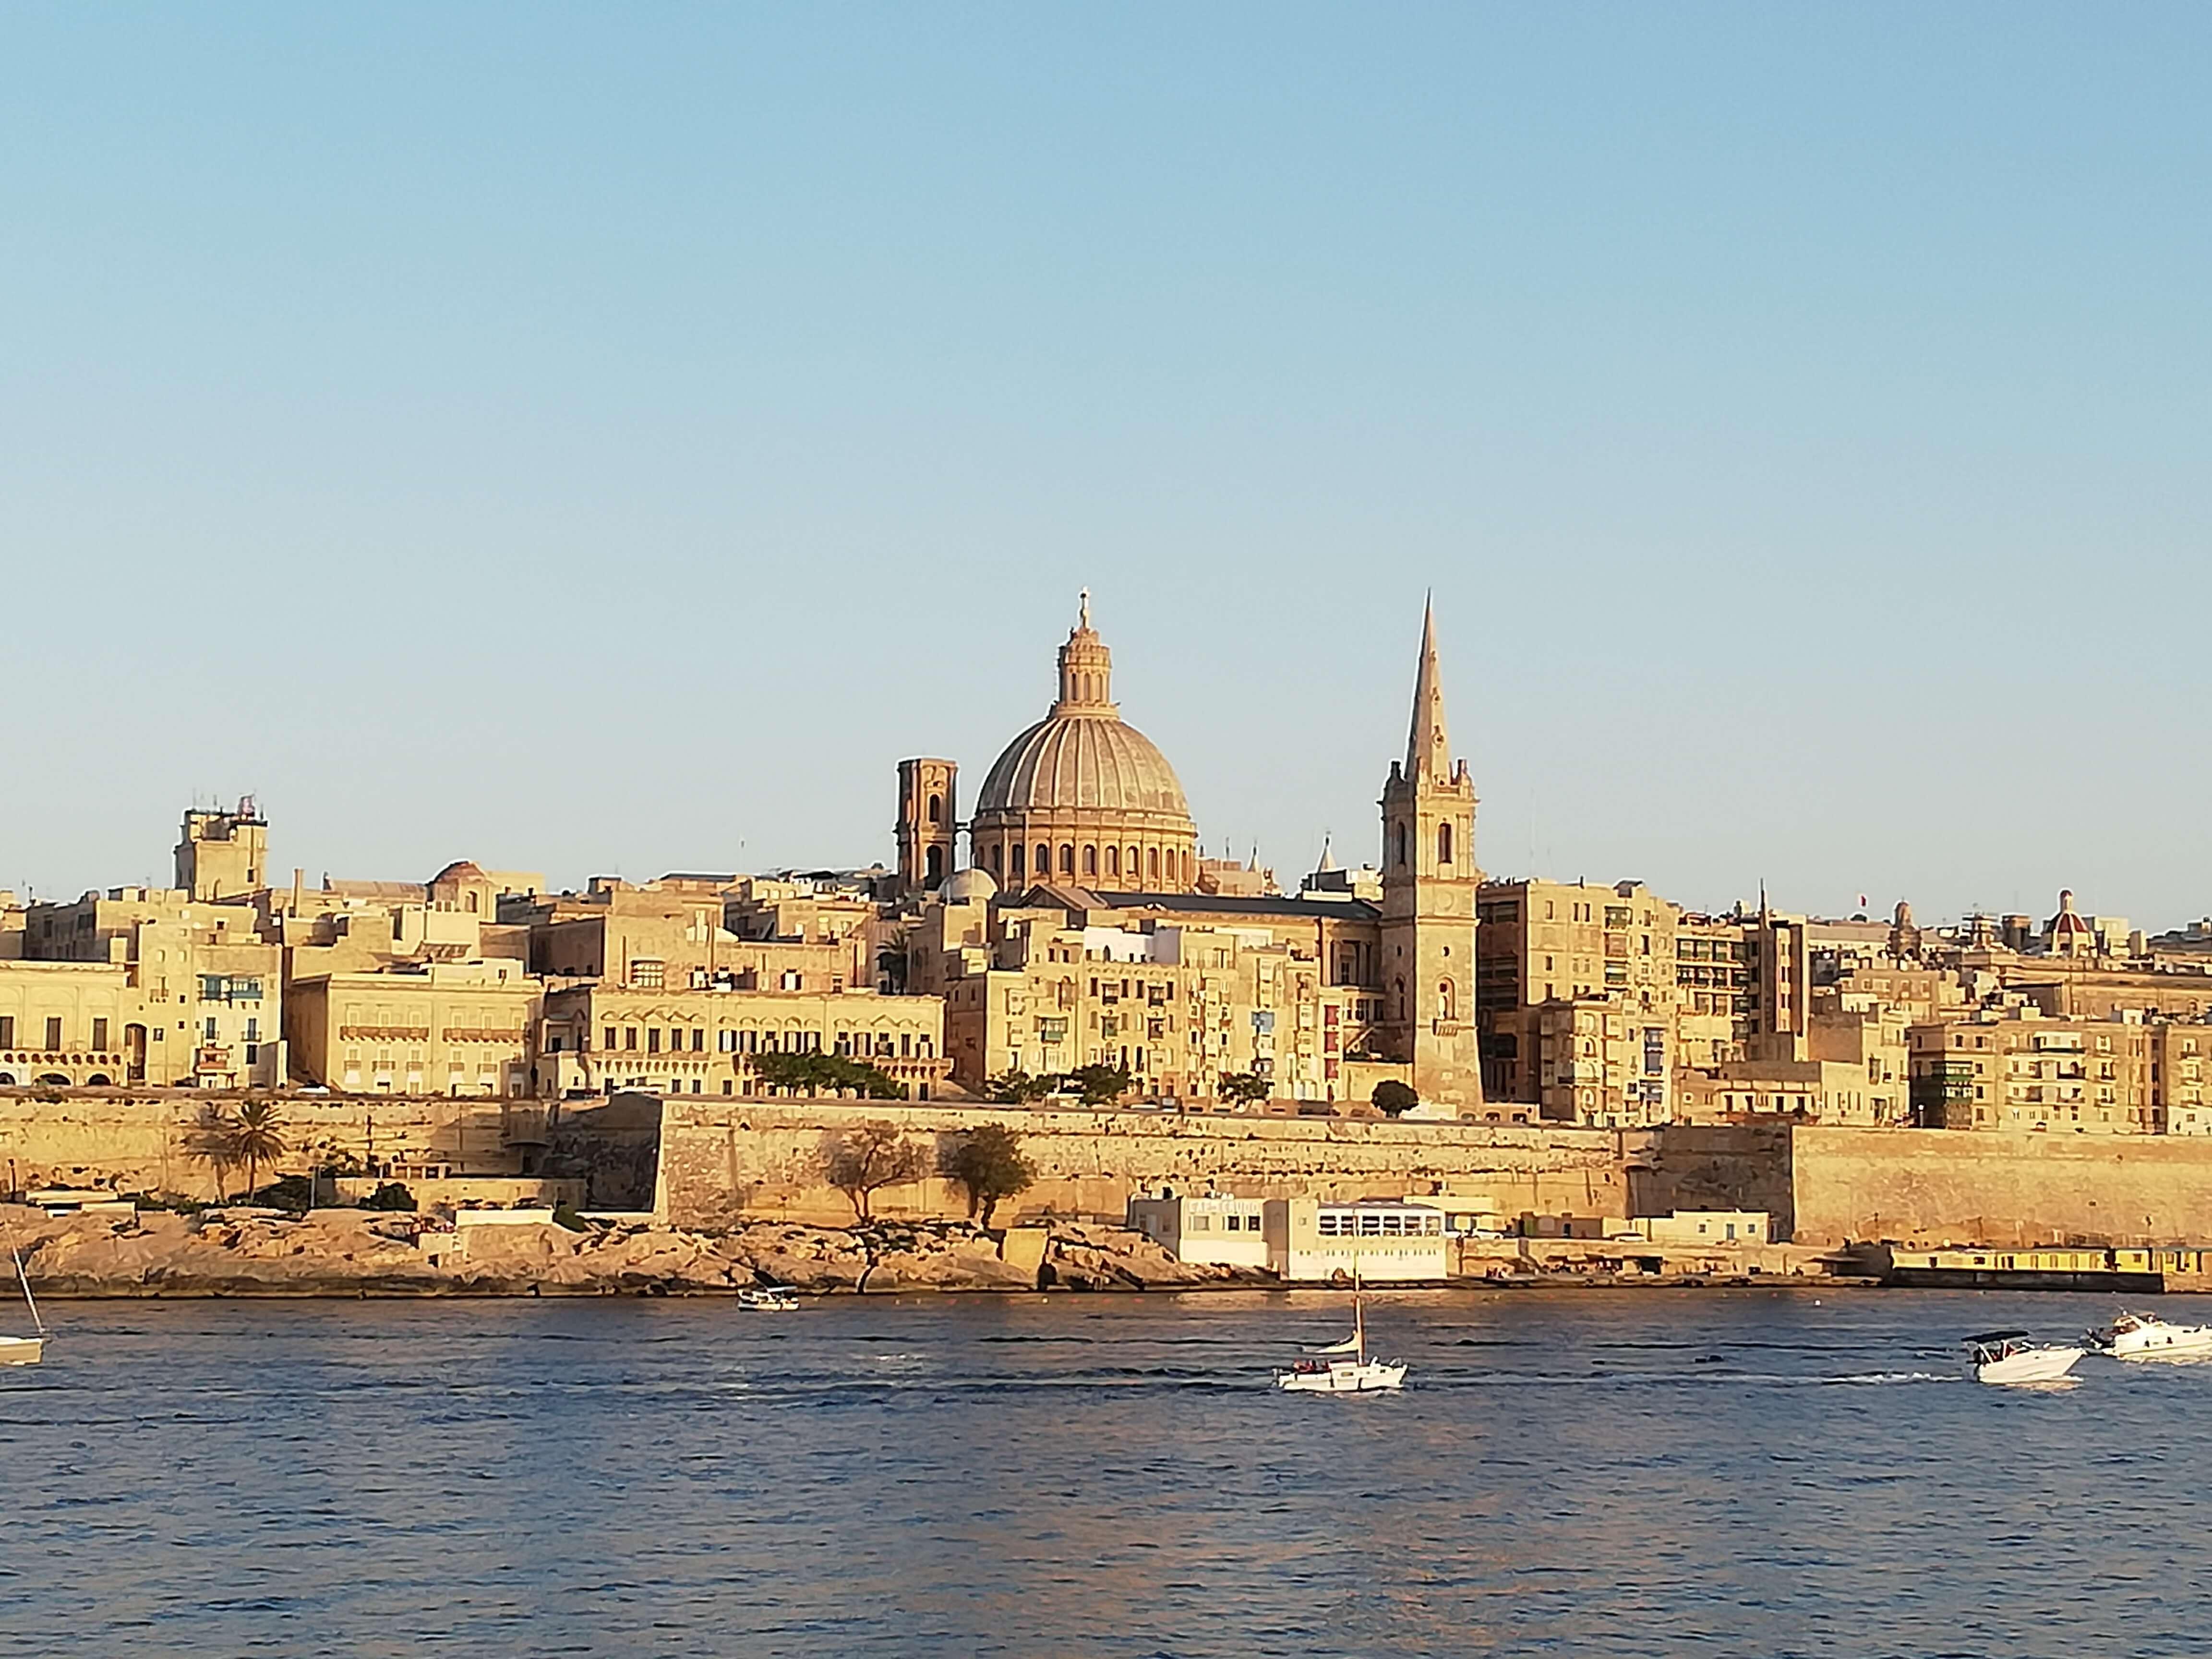 Die Hauptstadt von Malta: Valletta